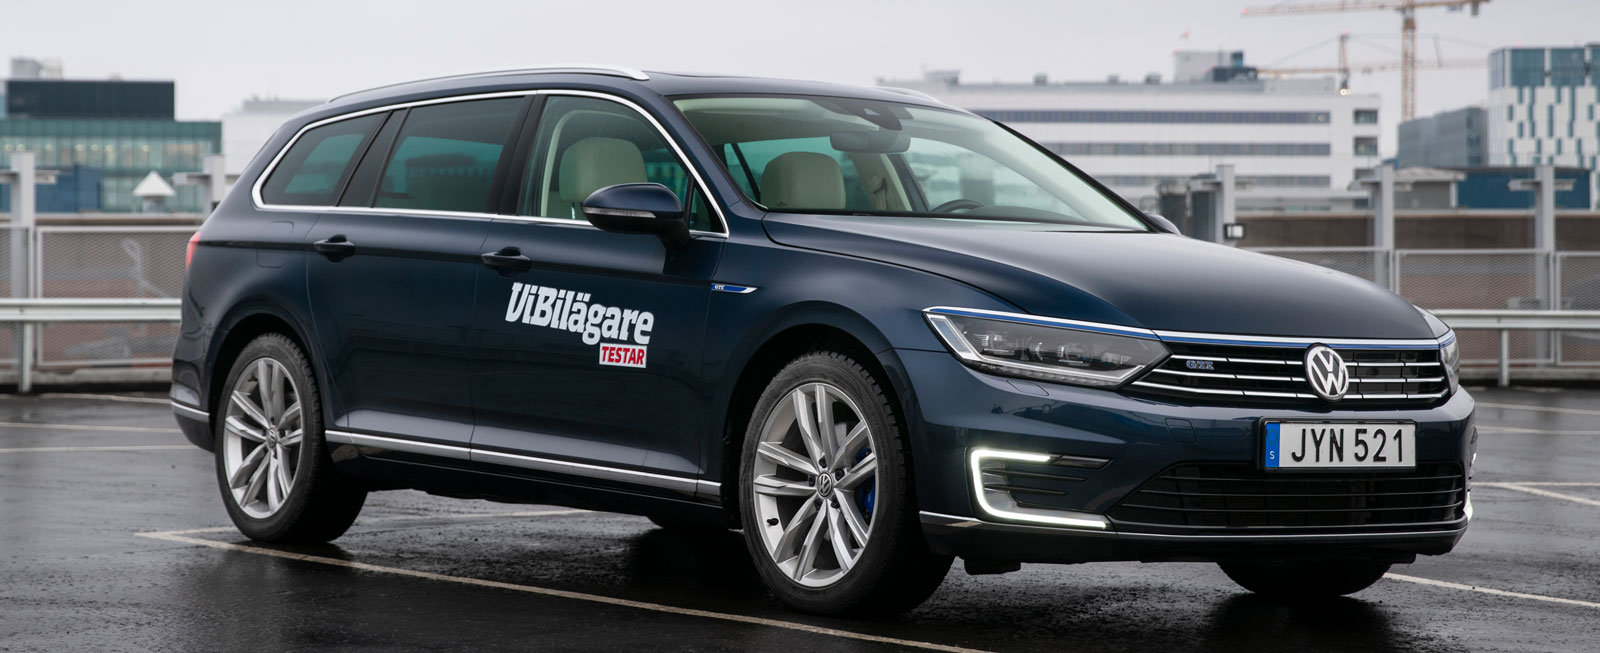 Volkswagen Passat Sportscombi GTE